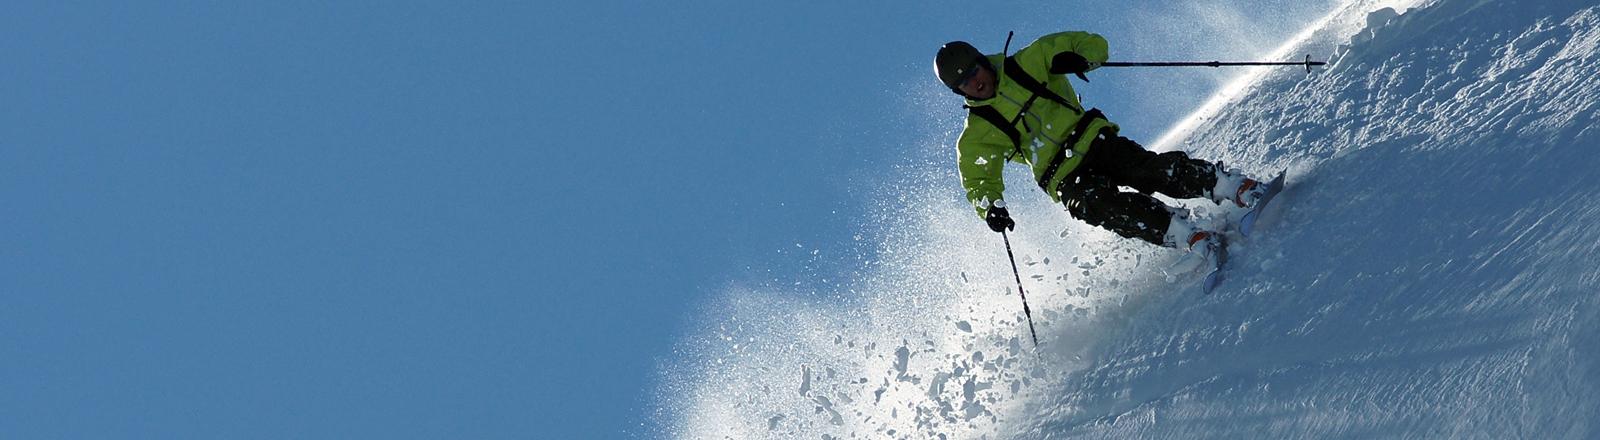 Ein Skifahrer braust die Piste herunter.